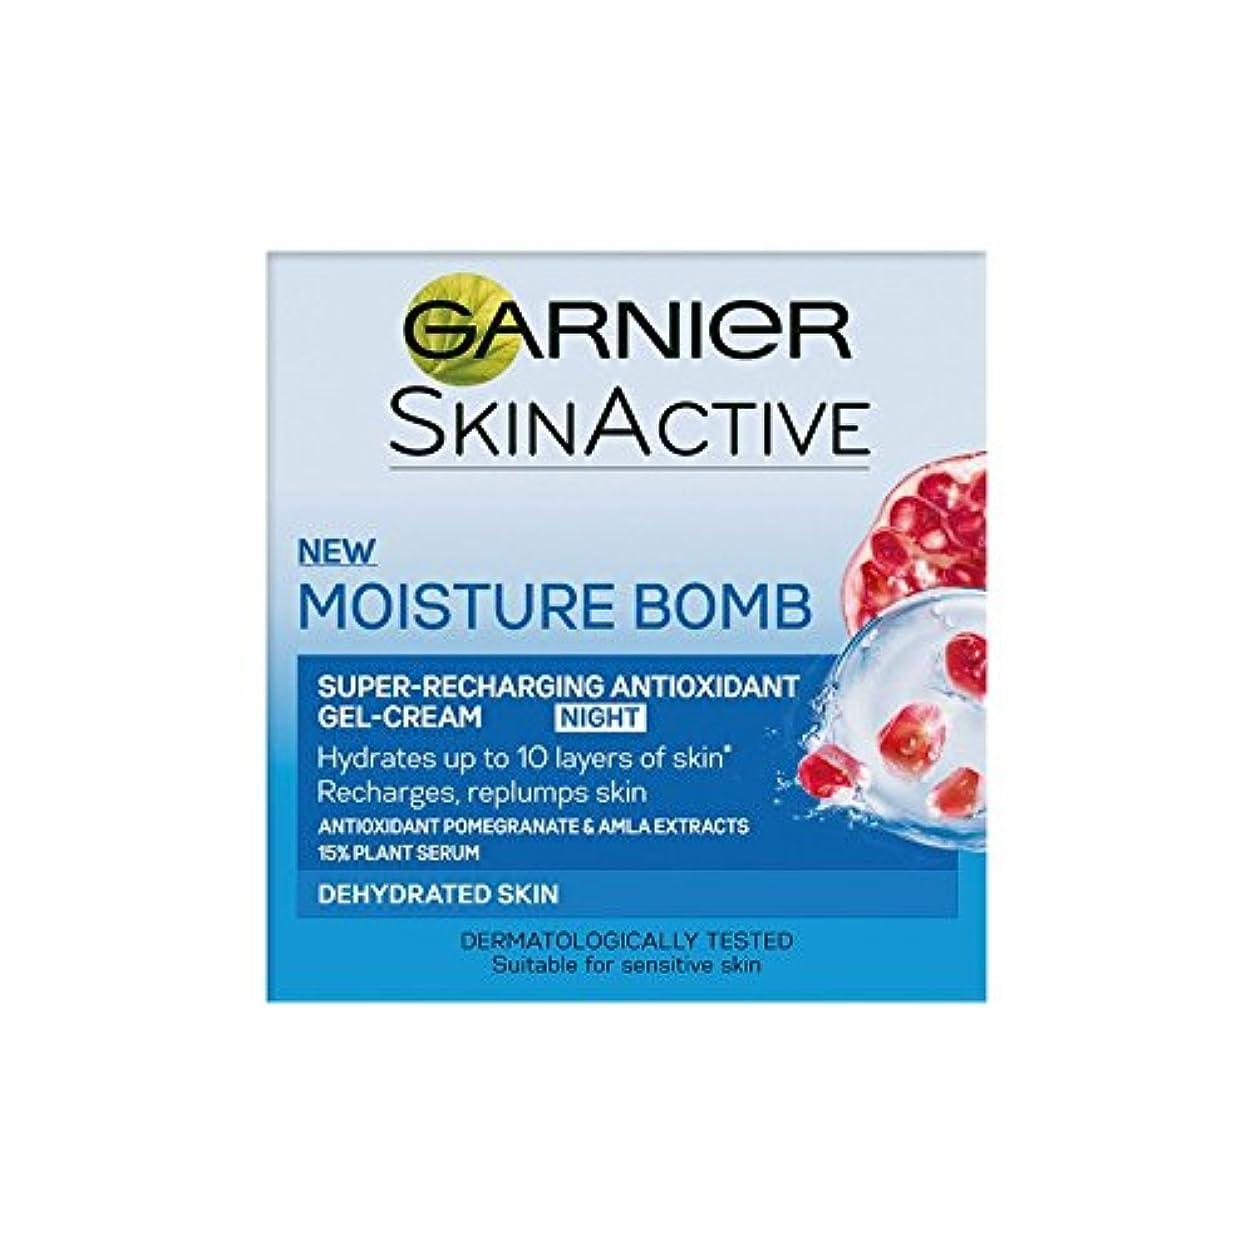 やりがいのあるレンチ硬化するガルニエ水分爆弾超充電夜のゲルクリーム(50ミリリットル) x4 - Garnier Moisture Bomb Super-Recharging Night Gel-Cream (50ml) (Pack of 4) [並行輸入品]